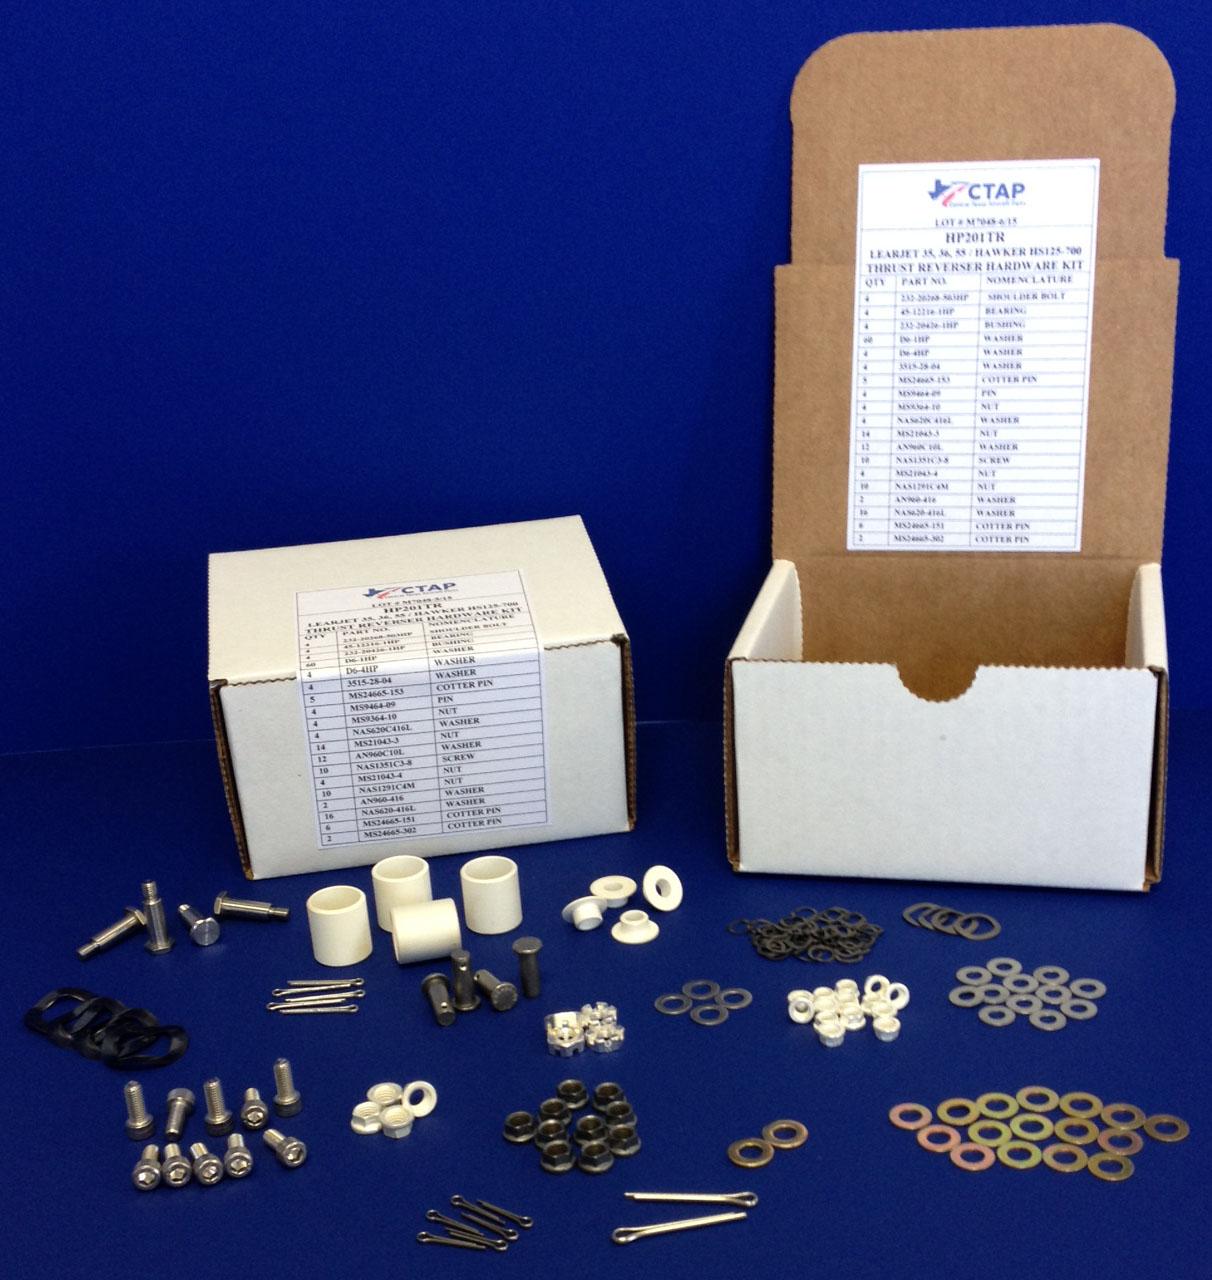 Thrust Reverser Kits